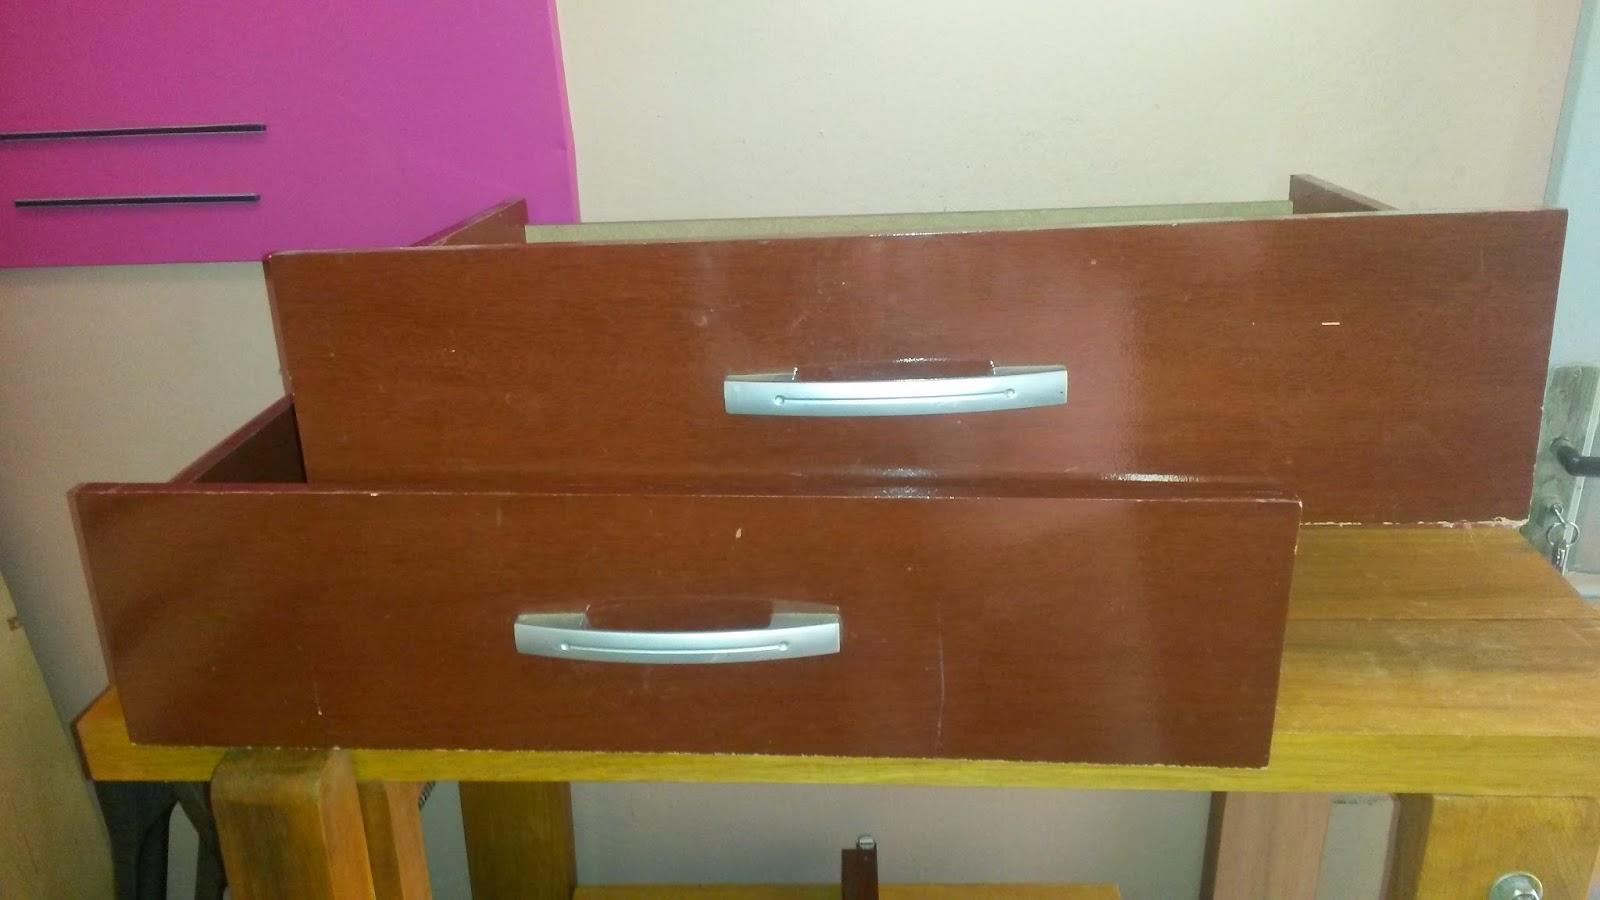 Reutilizar Reaproveitar Repaginar Madeira e outros objetos: O que  #71401F 1600x900